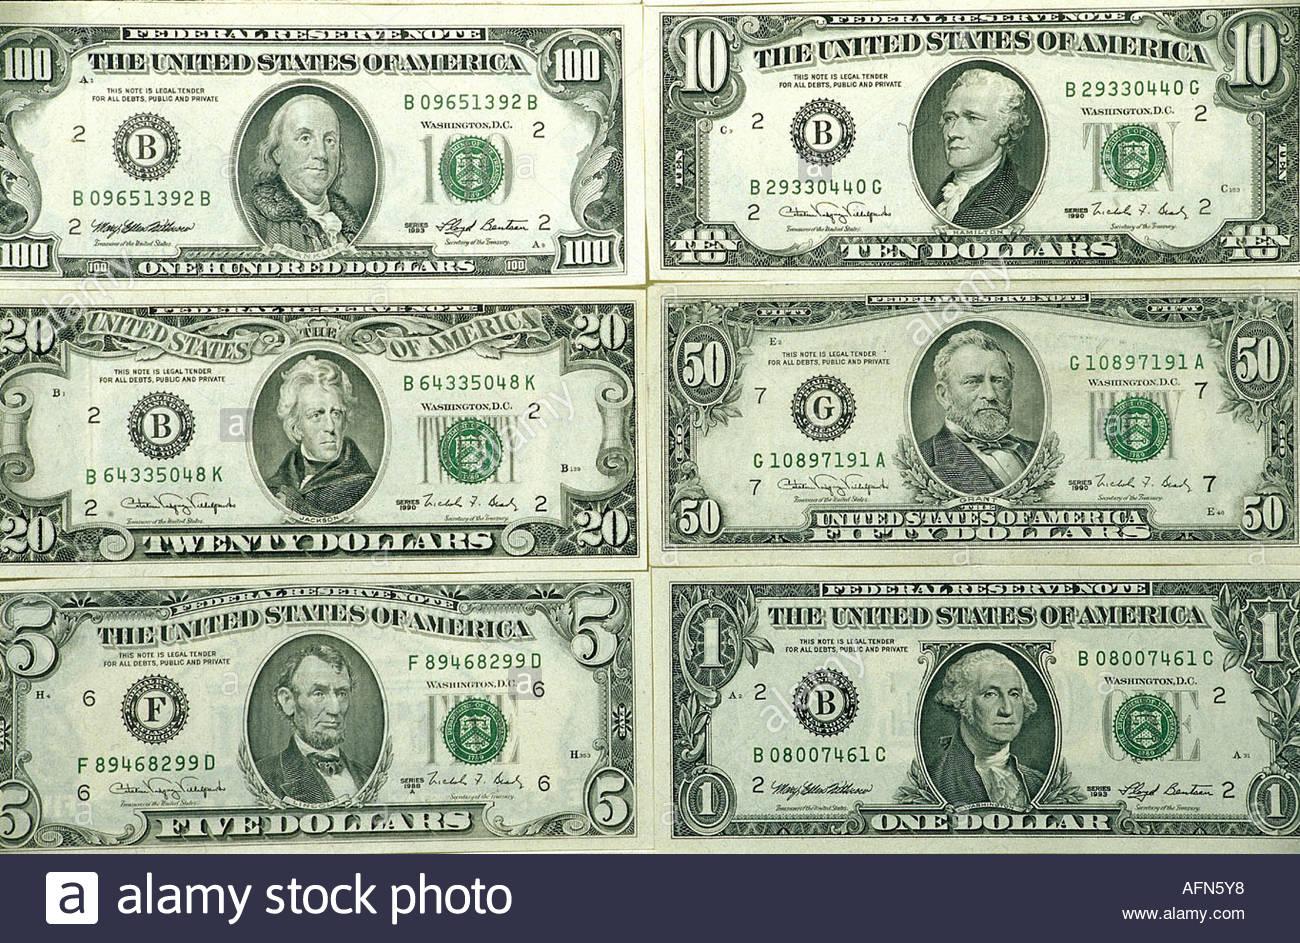 Geld / Finanzen, Banknoten, uns, 1, 5, 10, 20, 50, 100 Dollar, Porträt, Porträts, US-amerikanischer Politiker, Stockbild